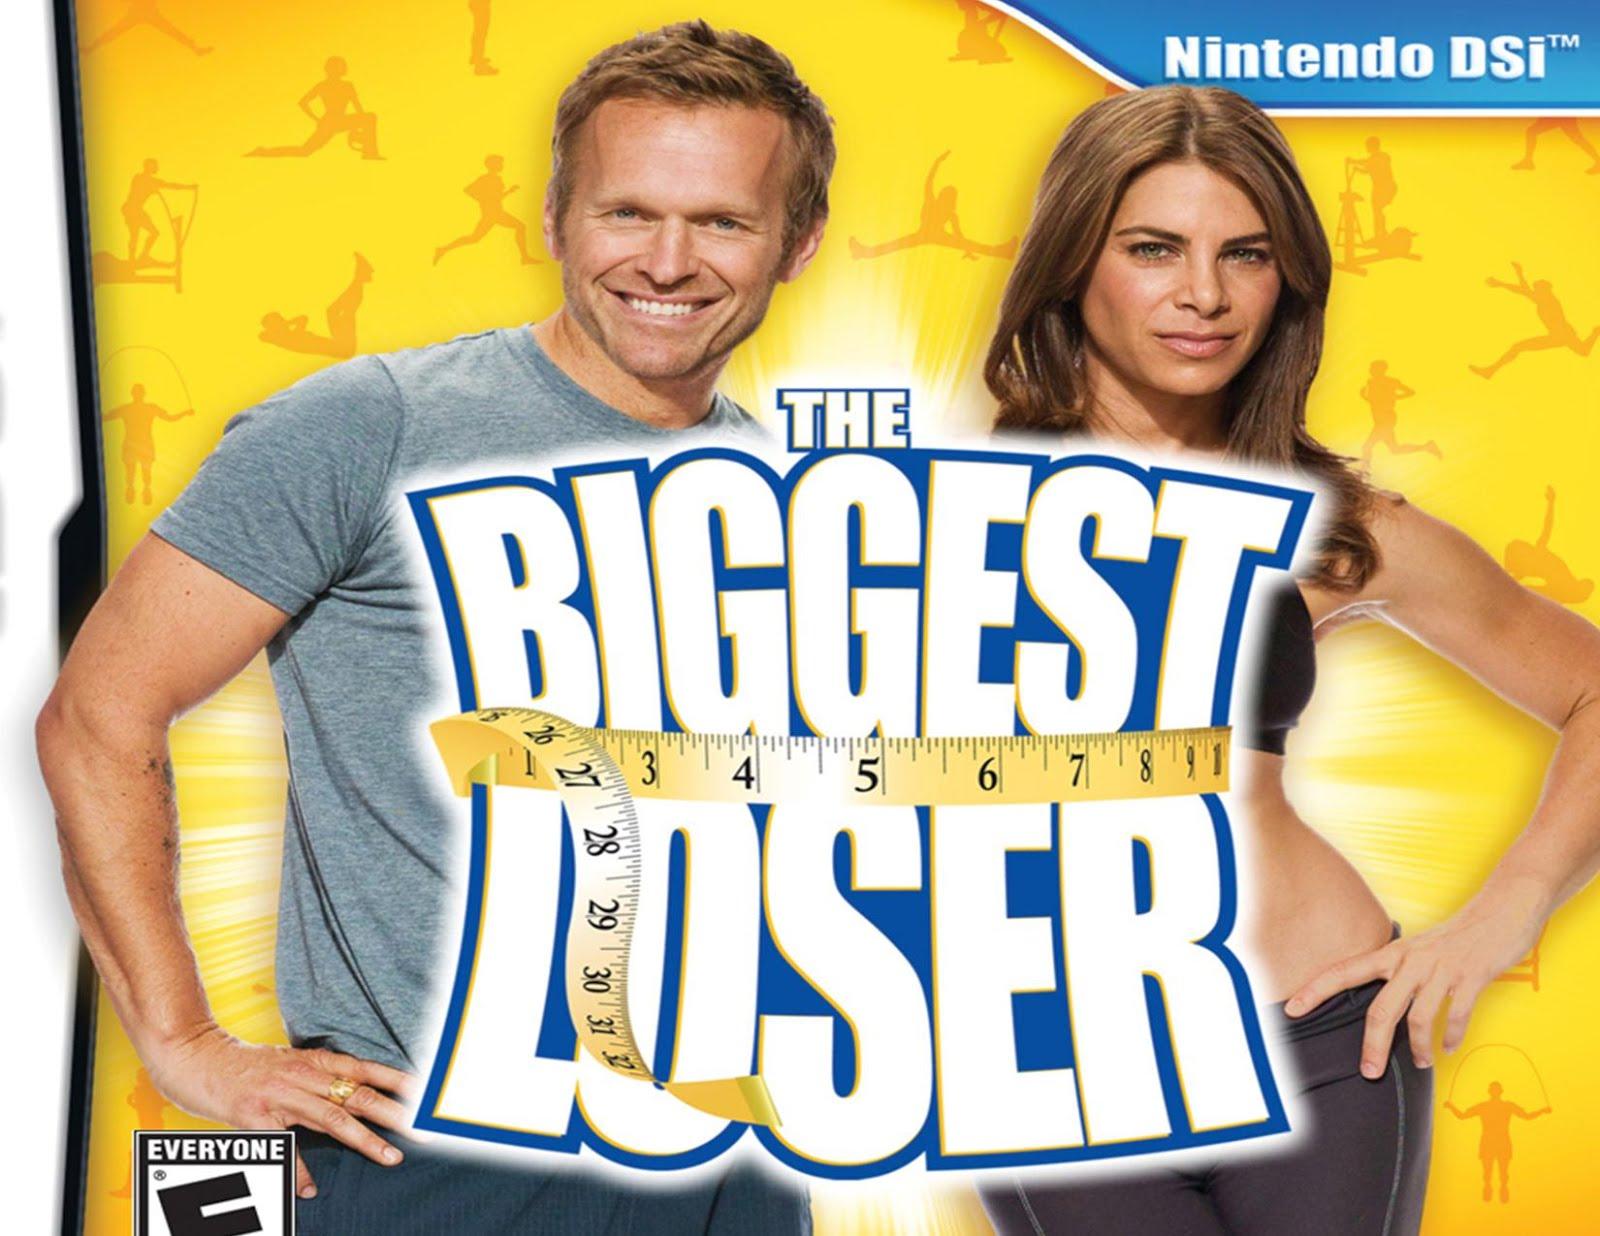 Biggest Loser Online